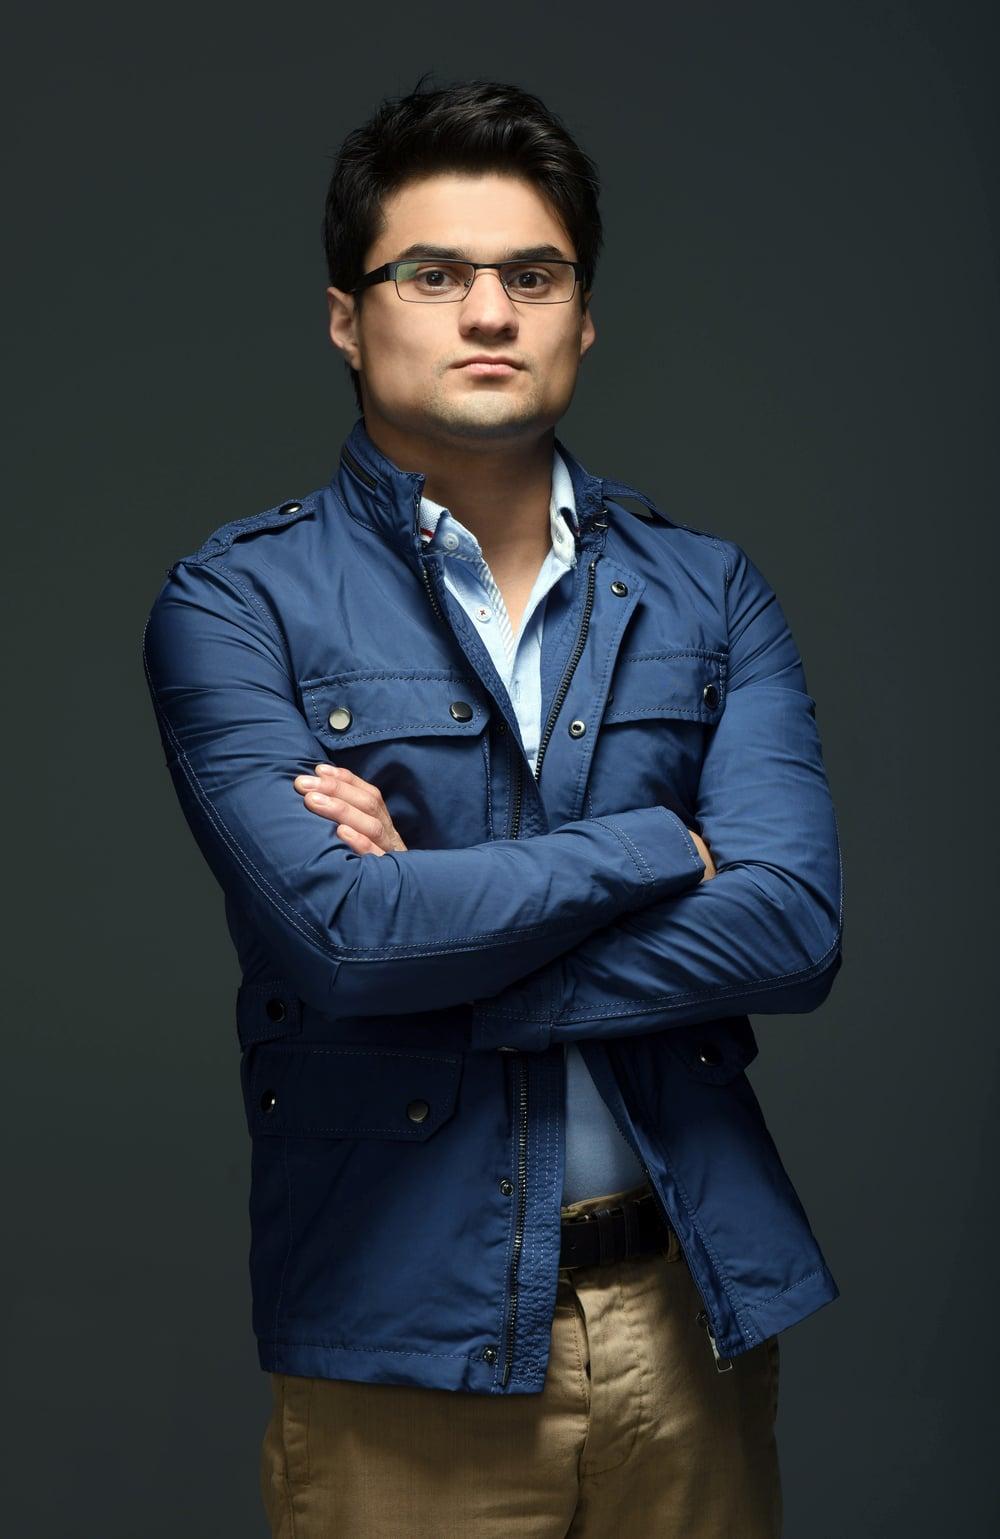 LQDC_Ricardo Polanco como Rafael Bianchini_001.jpg